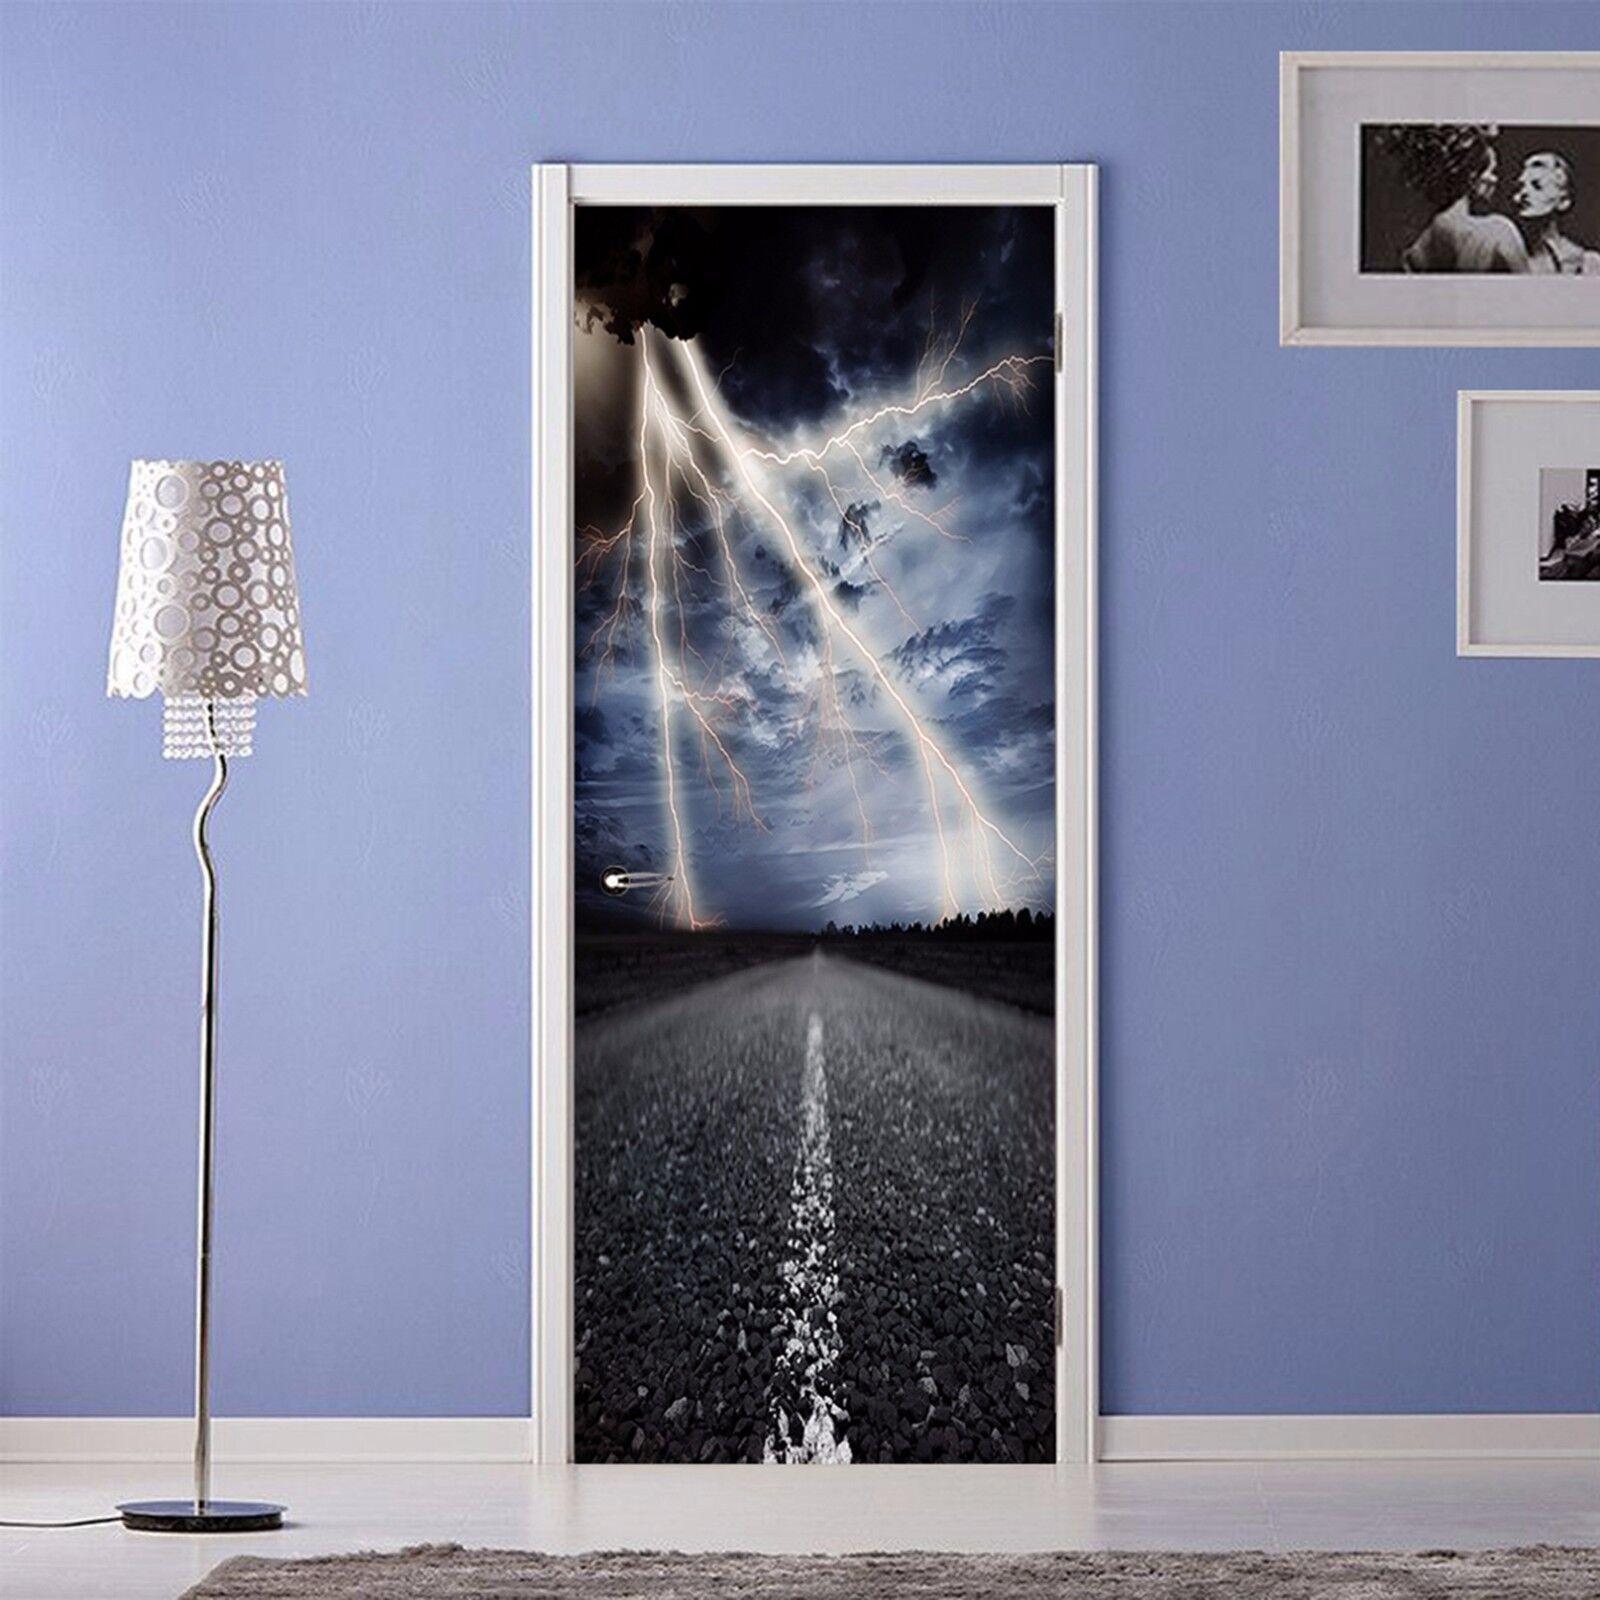 3D Blitz 742 Tür Wandmalerei Wandaufkleber Aufkleber AJ WALLPAPER DE Kyra   Verschiedene Stile und Stile    Zu einem erschwinglichen Preis    Neuankömmling